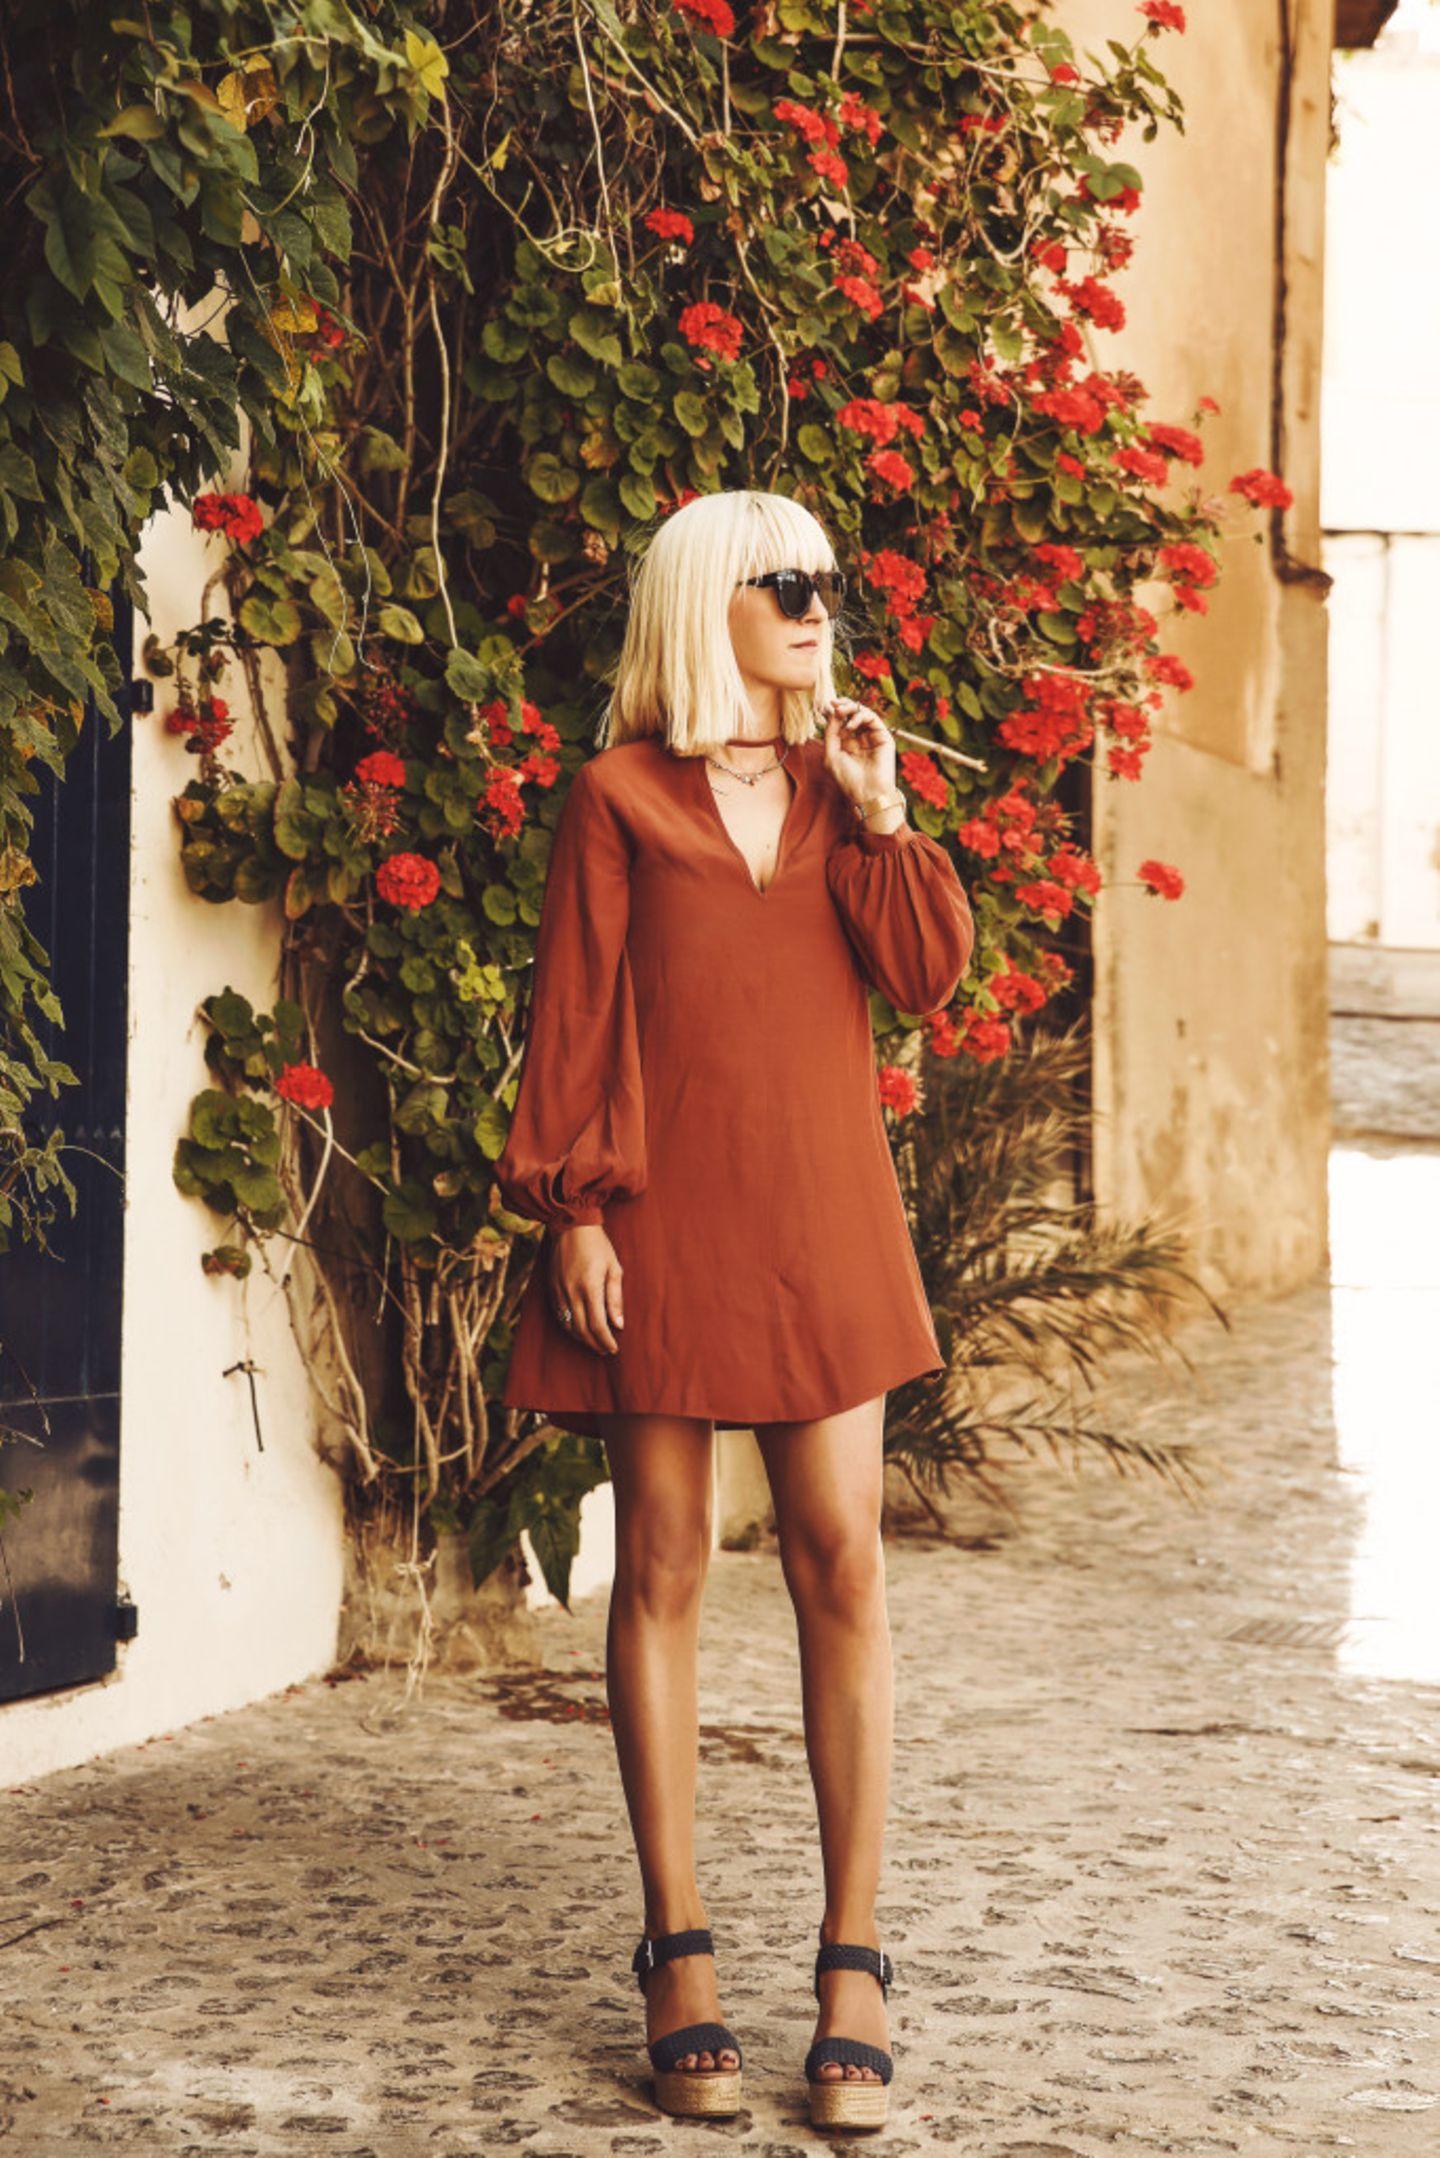 Auch Tanja gehört zum Blogger Bazaar-Trio dazu. Sie setzt auf Tulpenärmel und Wedges und wir feiern die Kombi im mediterranen Ambiente.